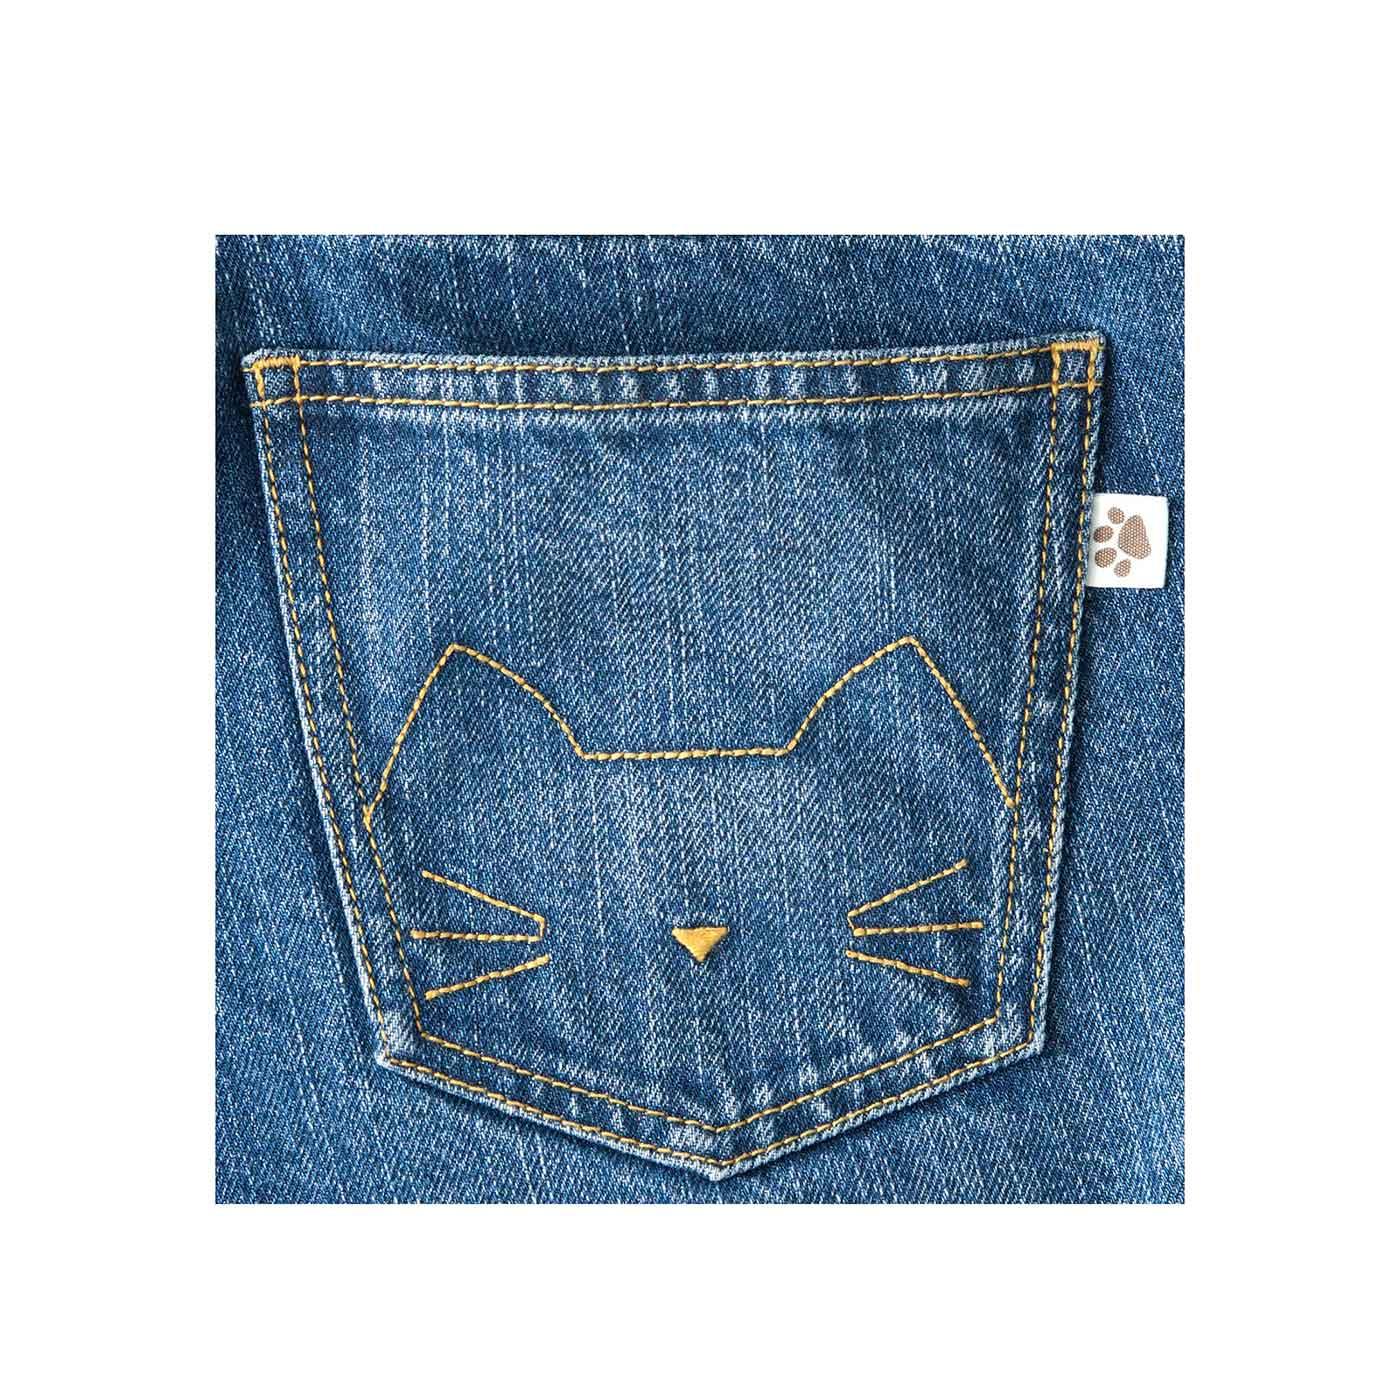 おしりポケットにはさりげない猫の刺しゅうと、猫部のタグ付き。